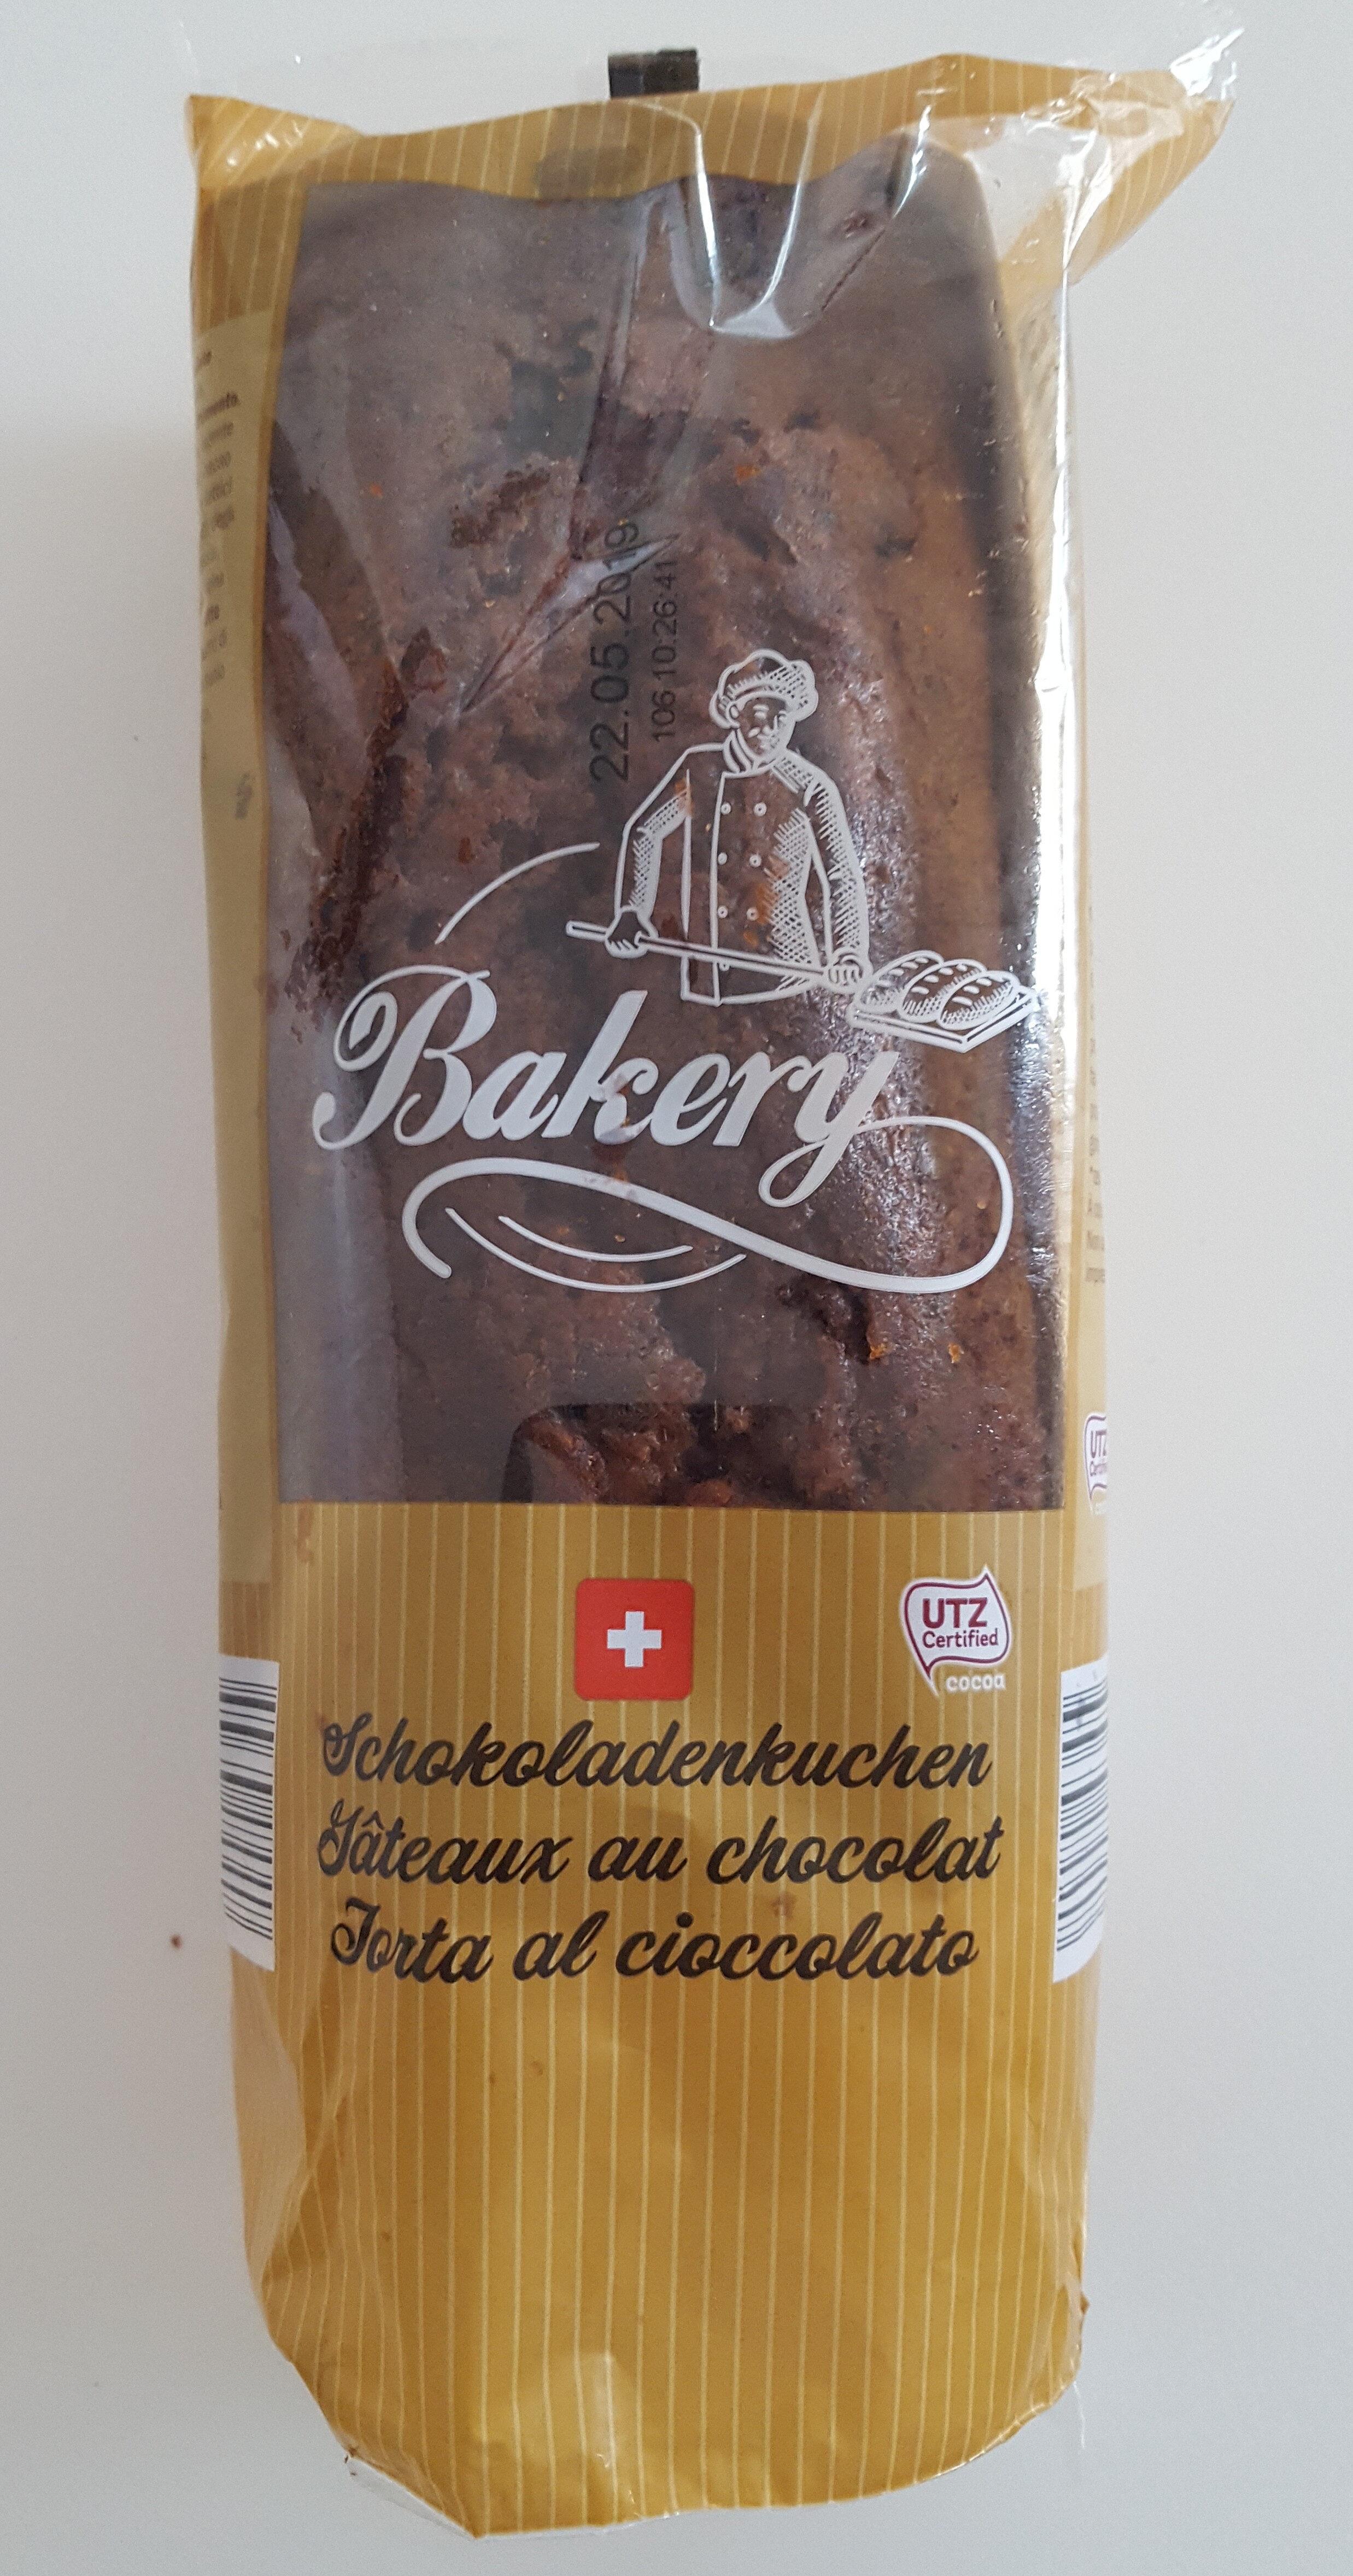 Gateau au chocolat - Product - fr